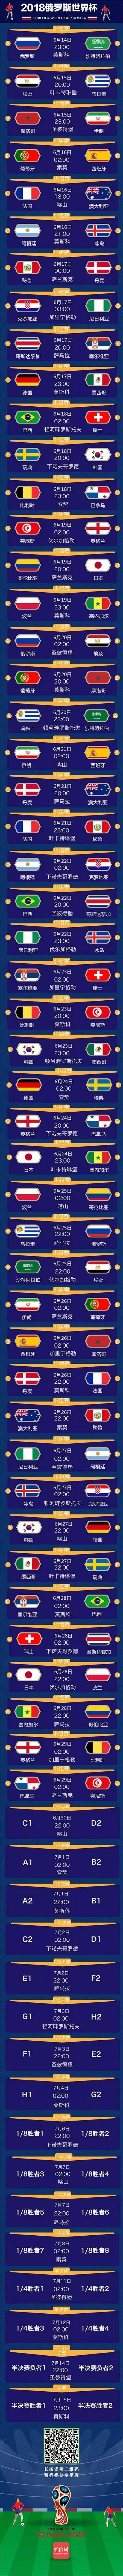 世界杯来了!一份完整赛程表送给你